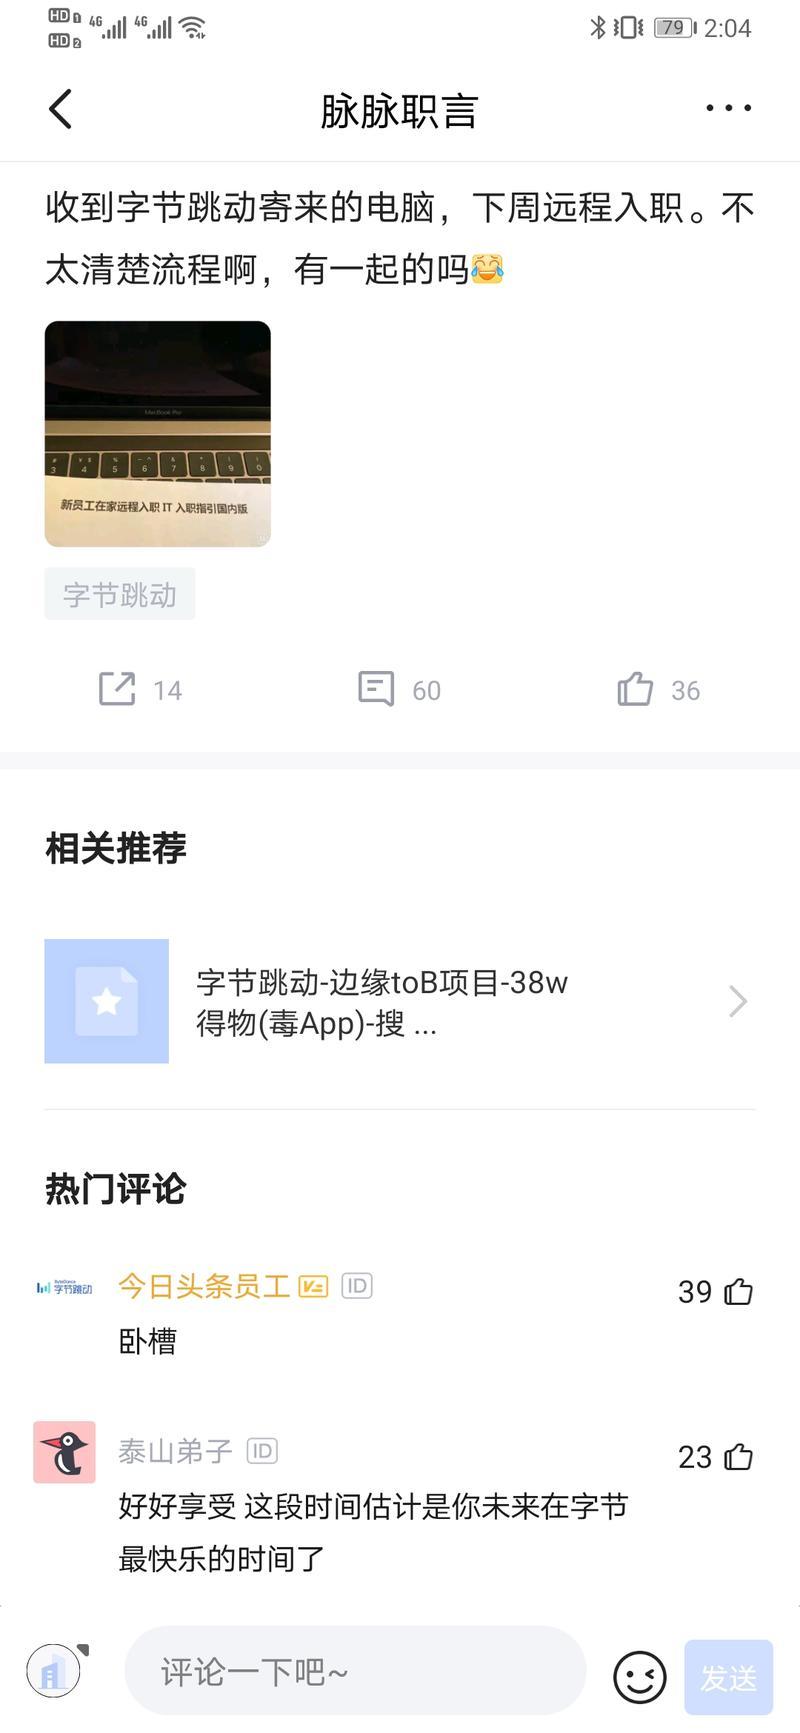 恋猫de小郭于2020-02-08 14:07发布的图片